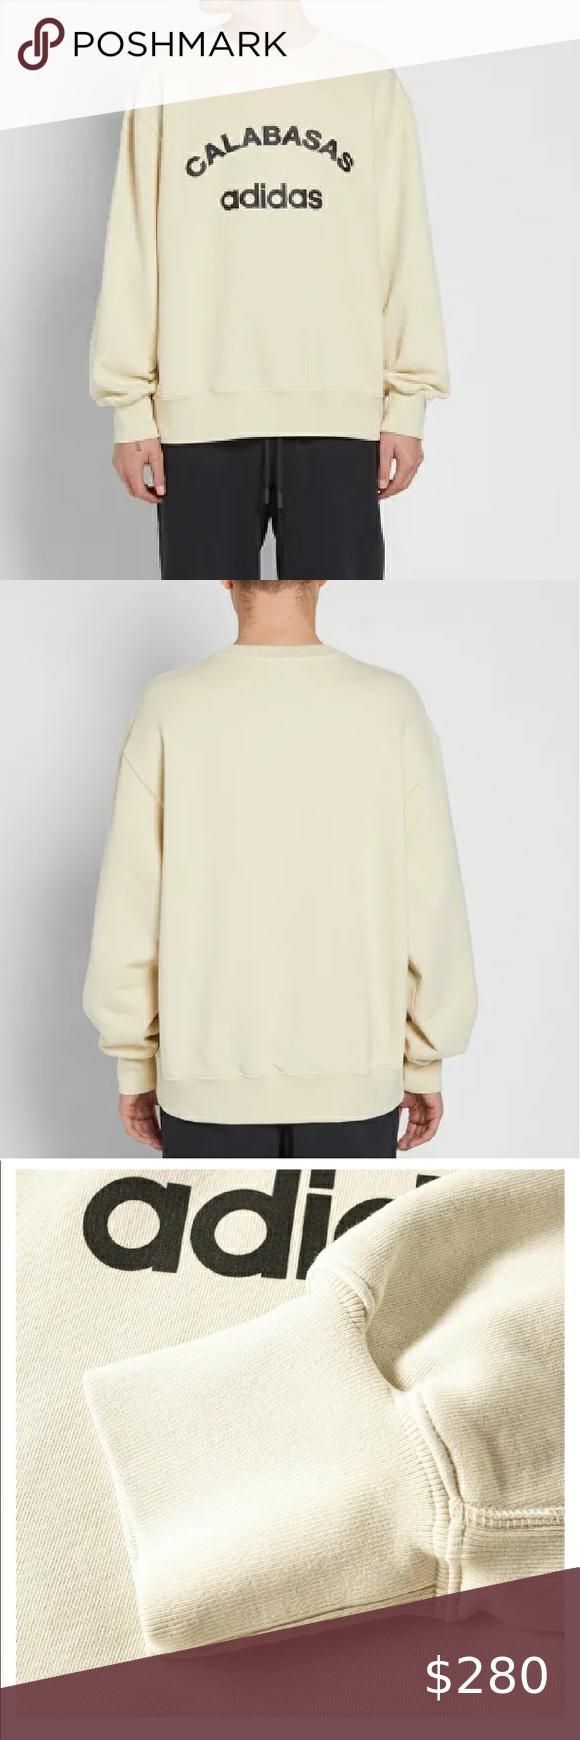 Host Pick Yeezy Season 5 Unisex Adidas Sweat In 2021 Yeezy Hoodie Yeezy Sweater Yeezy Season [ 1740 x 580 Pixel ]